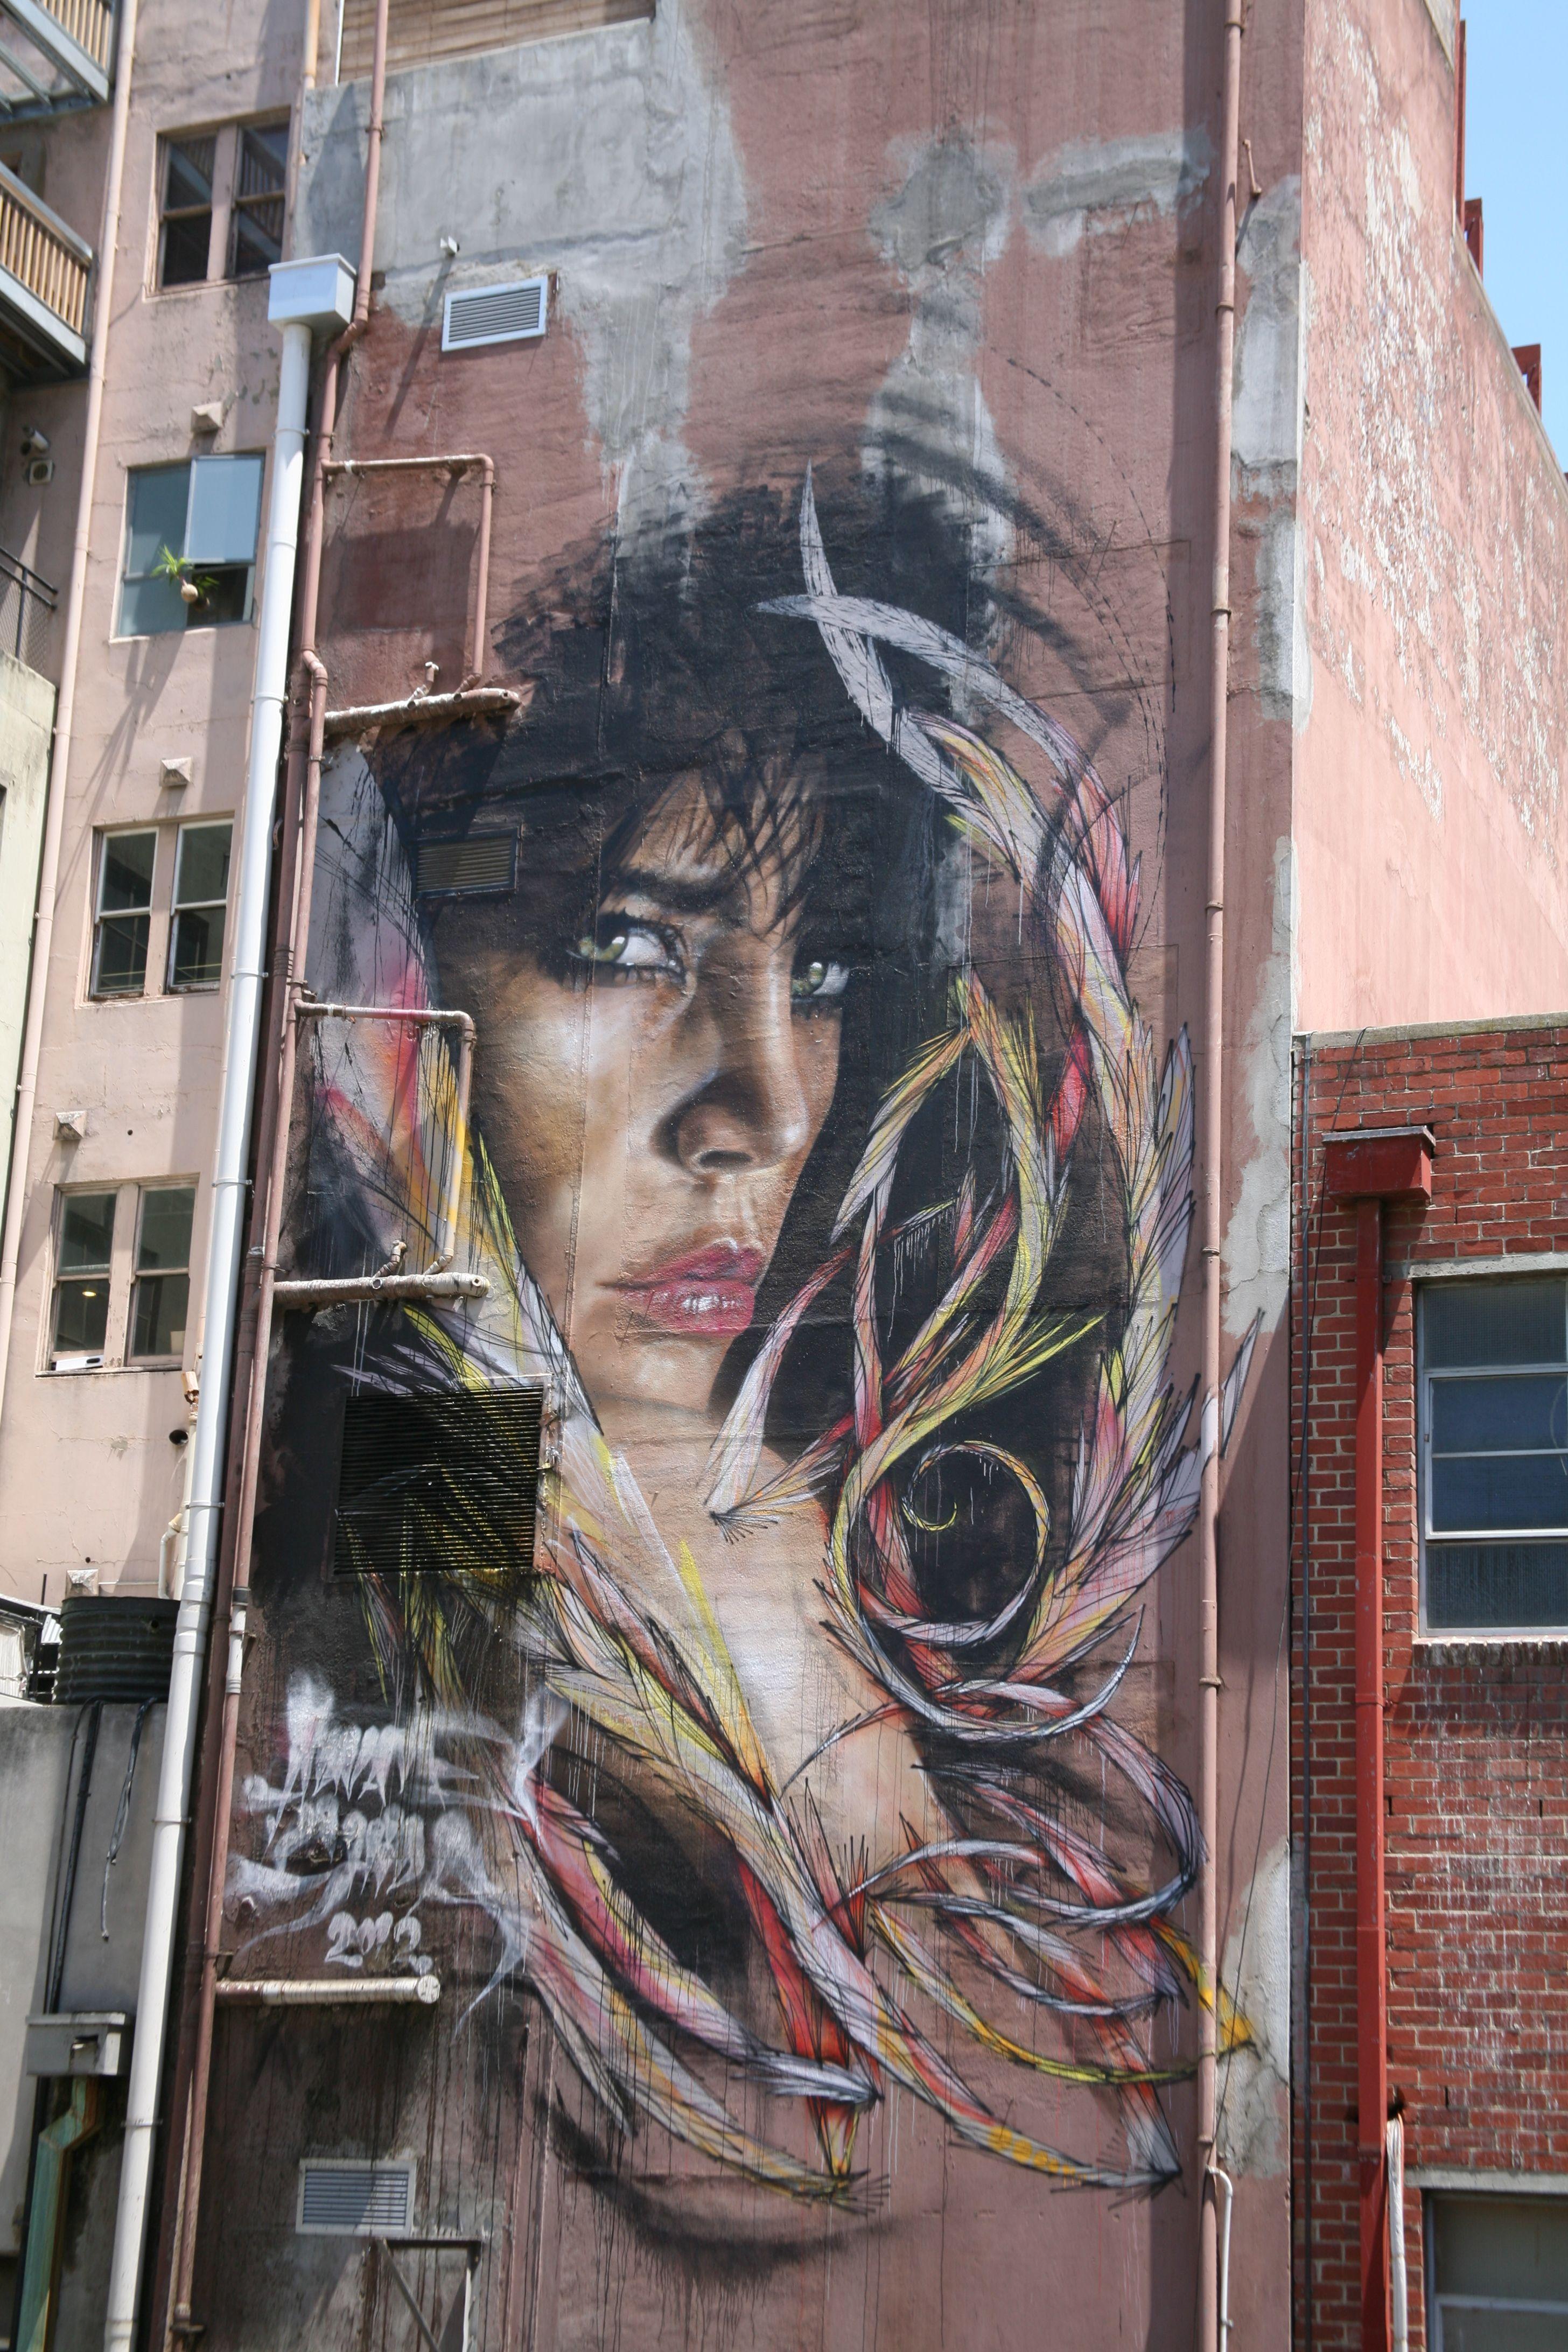 Laneways of Melbourne. Street art, 3d street art, Art